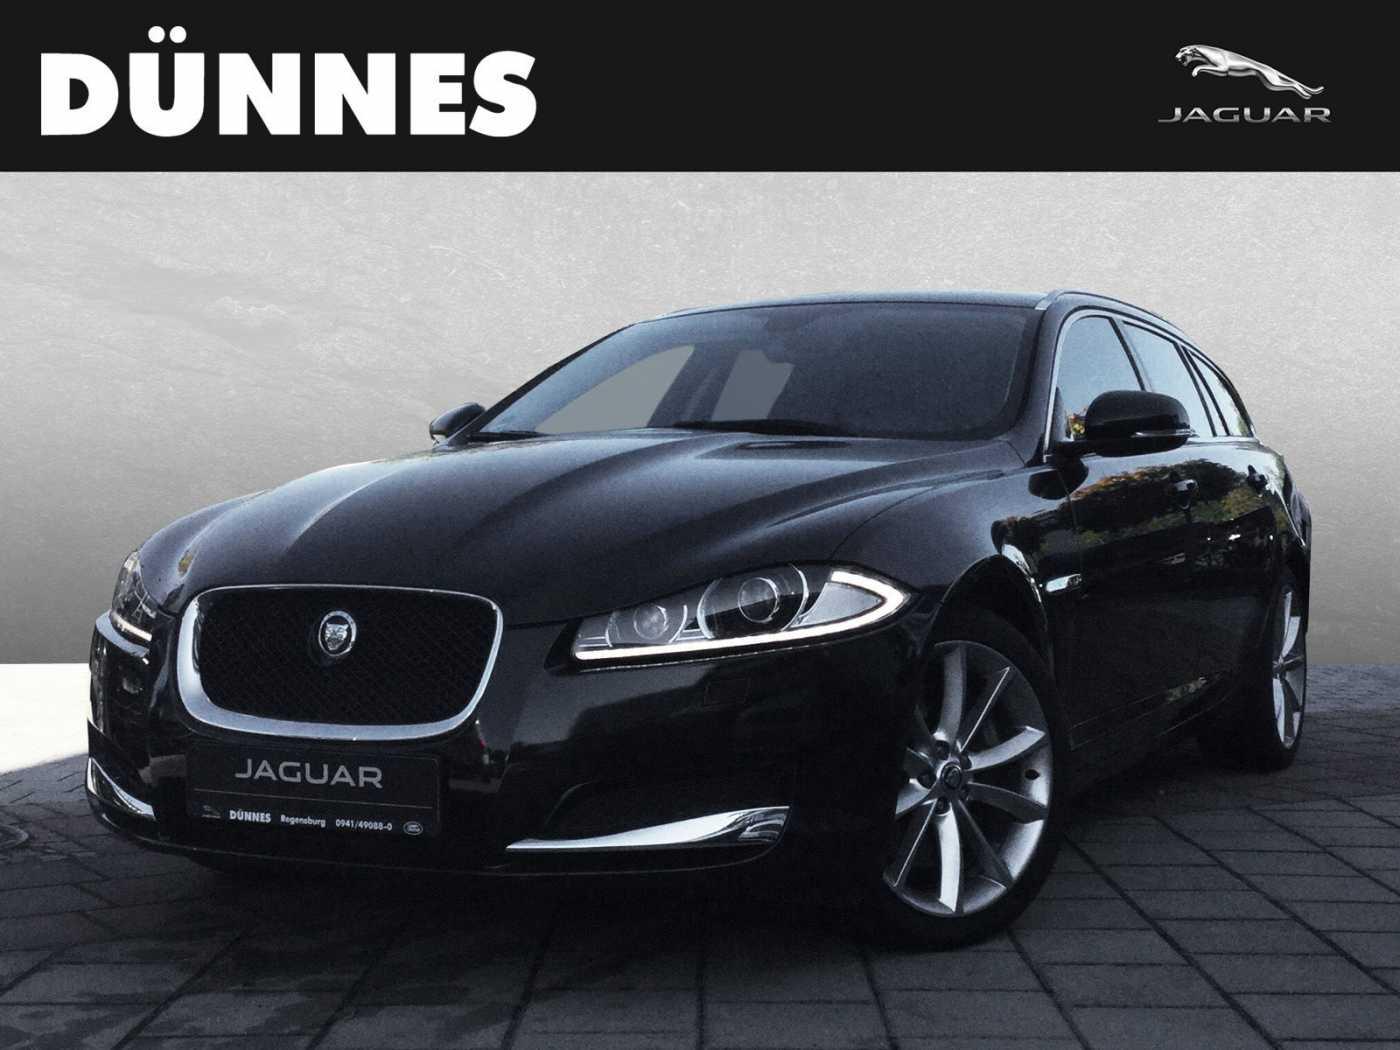 Jaguar XF 3.0 V6 Diesel S Sportbrake, Jahr 2014, Diesel